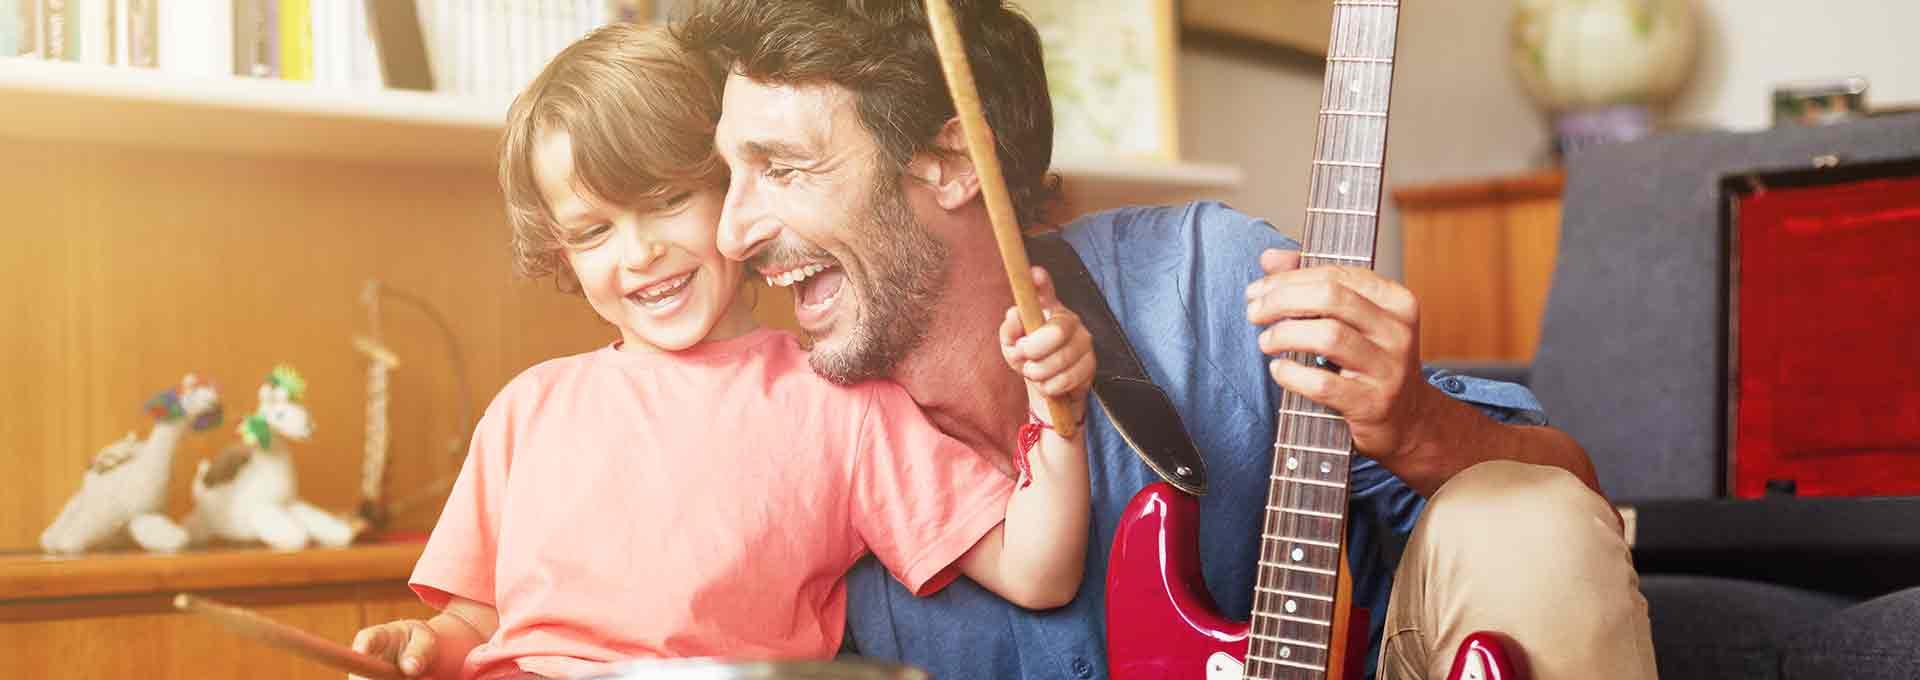 Vader met Bernafon Viron hoortoestellen, speelt gitaar met zijn vijf jaar oude zoon die op de drums speelt en ze genieten van het moment.